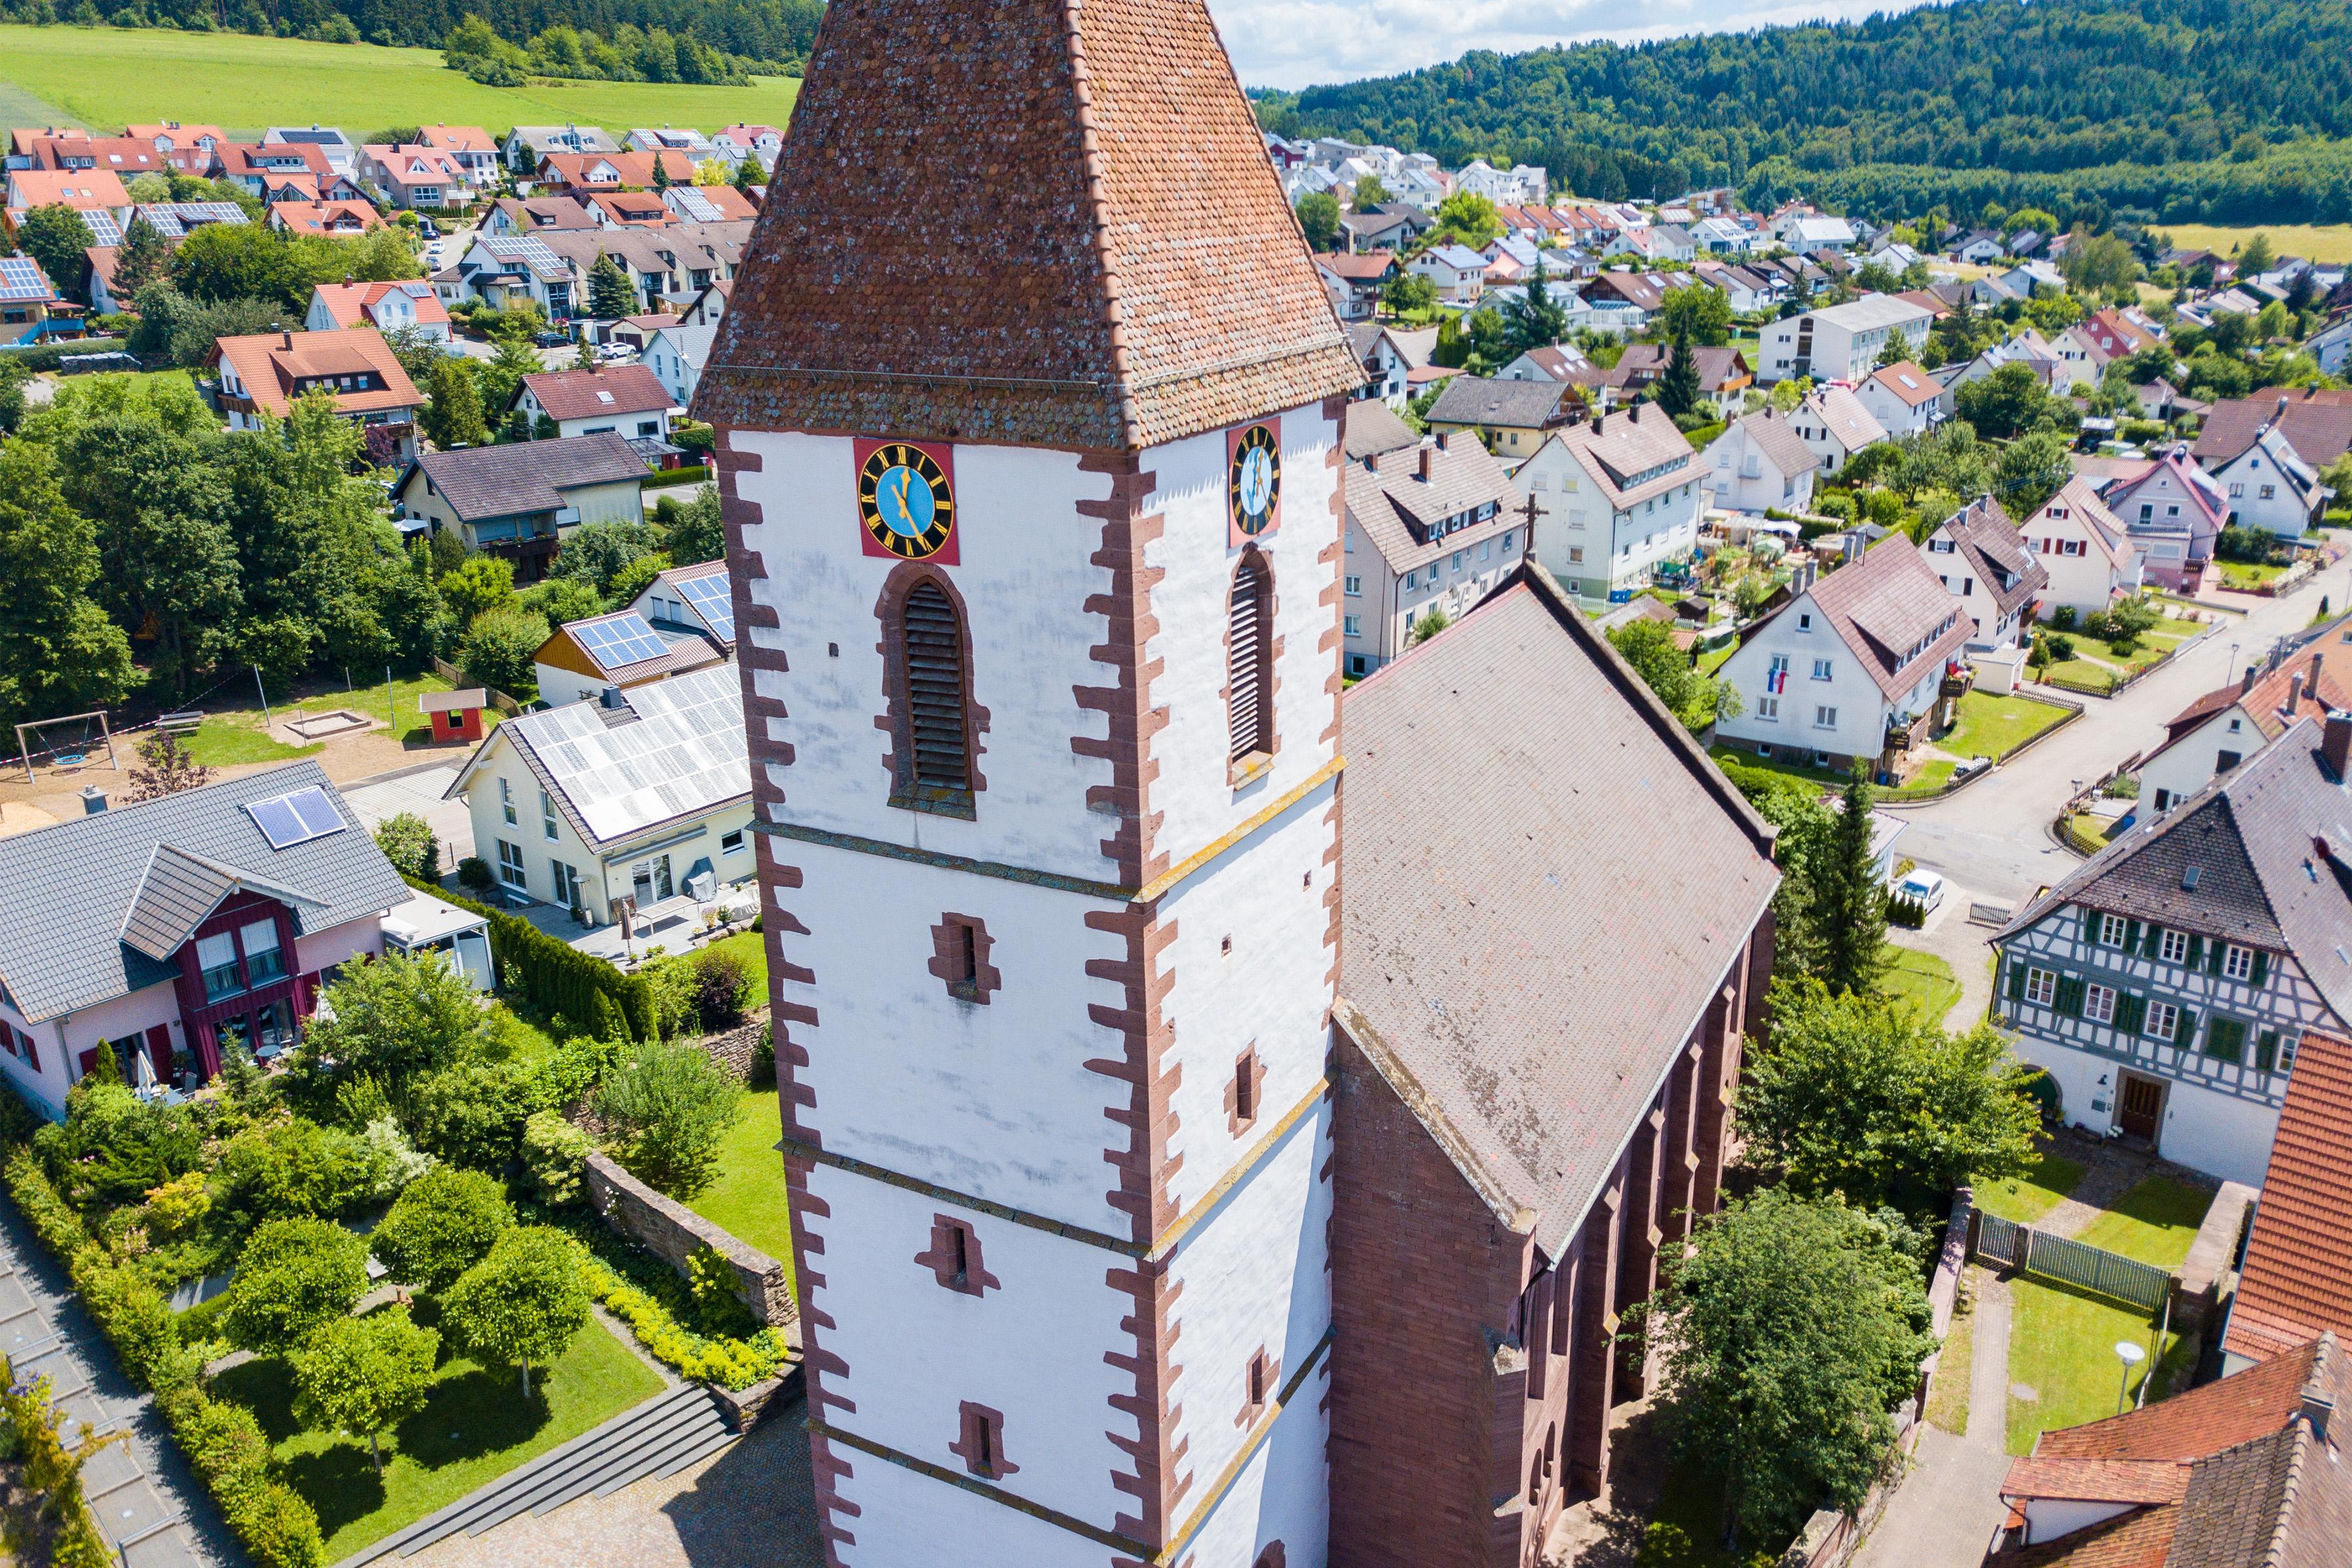 (c) Ebhausen-kirche.de